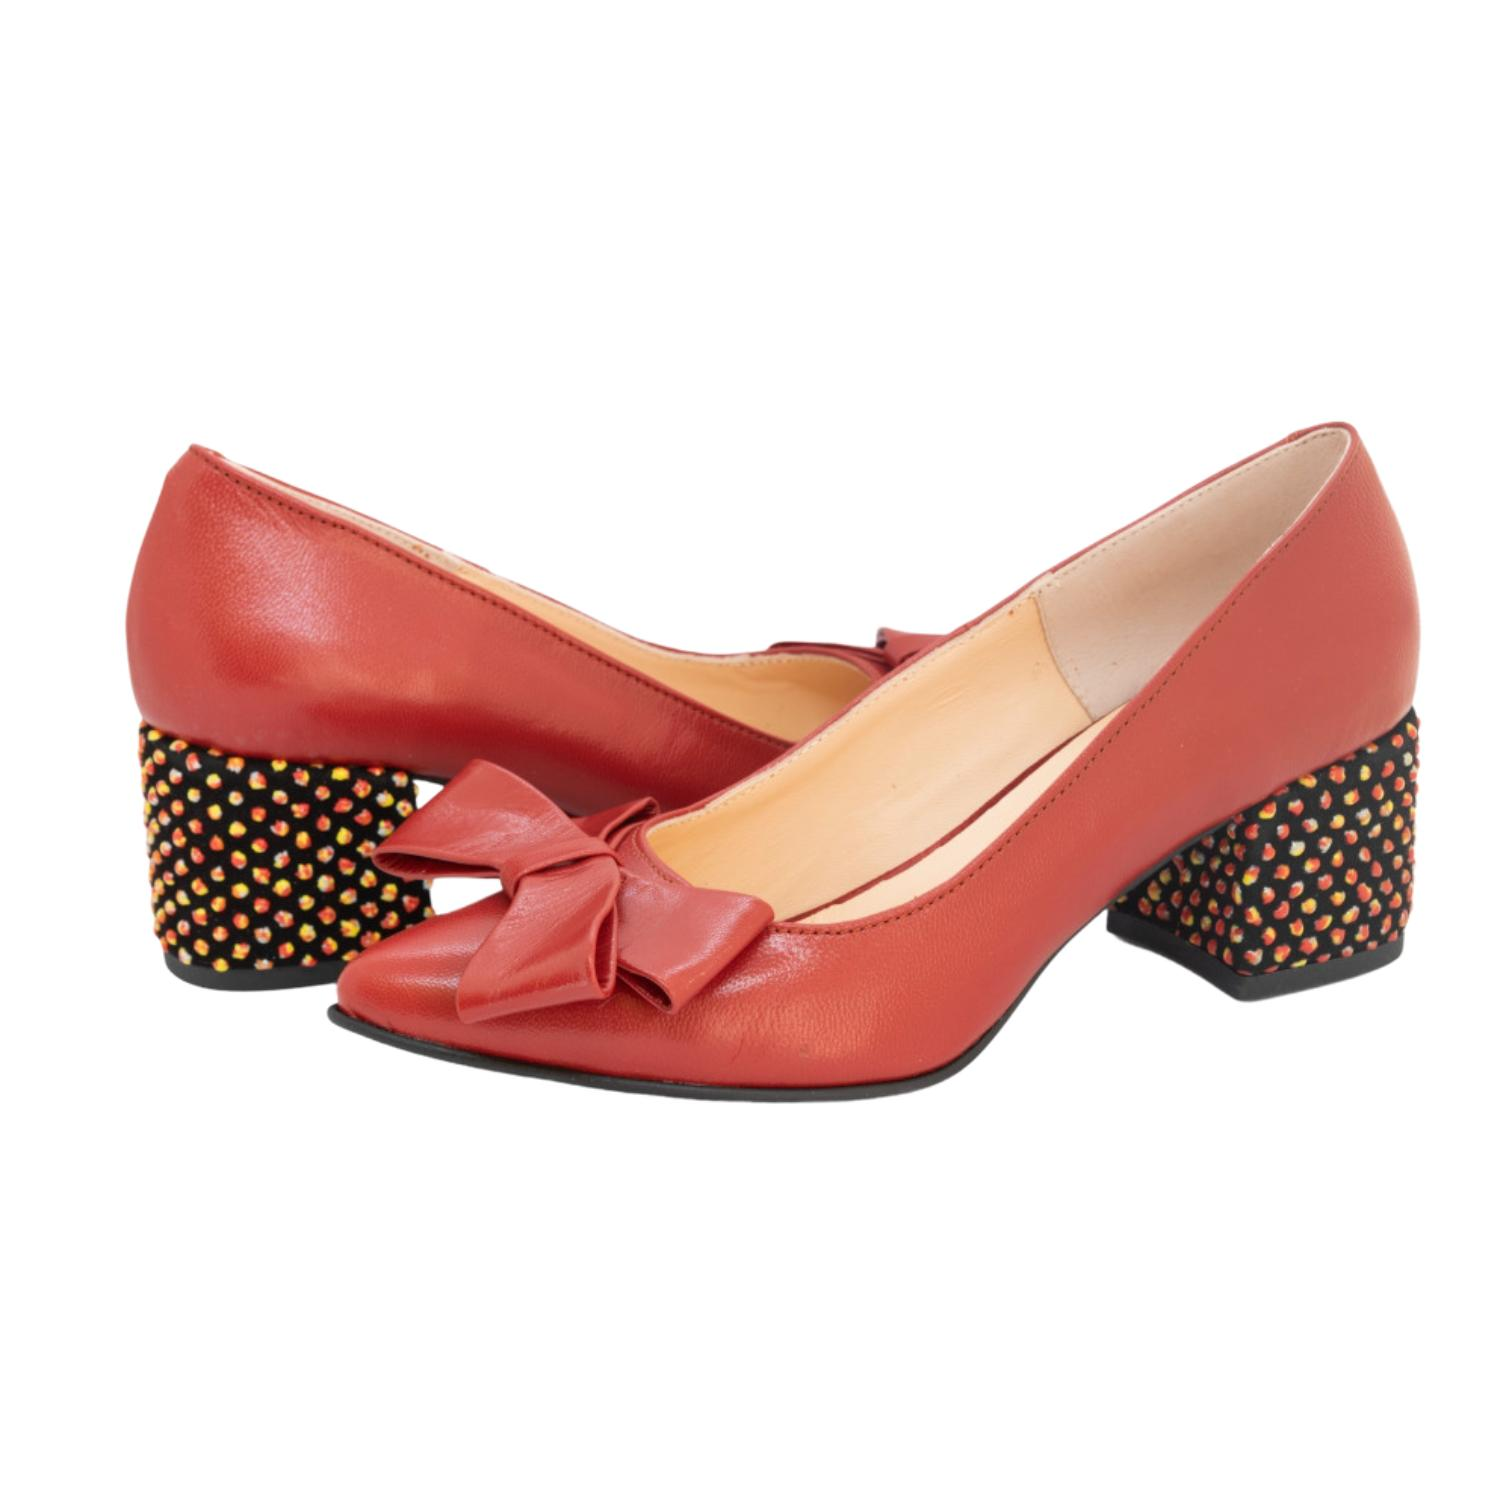 Pantofi rosii cu fundita si toc cu aplicatii sferice